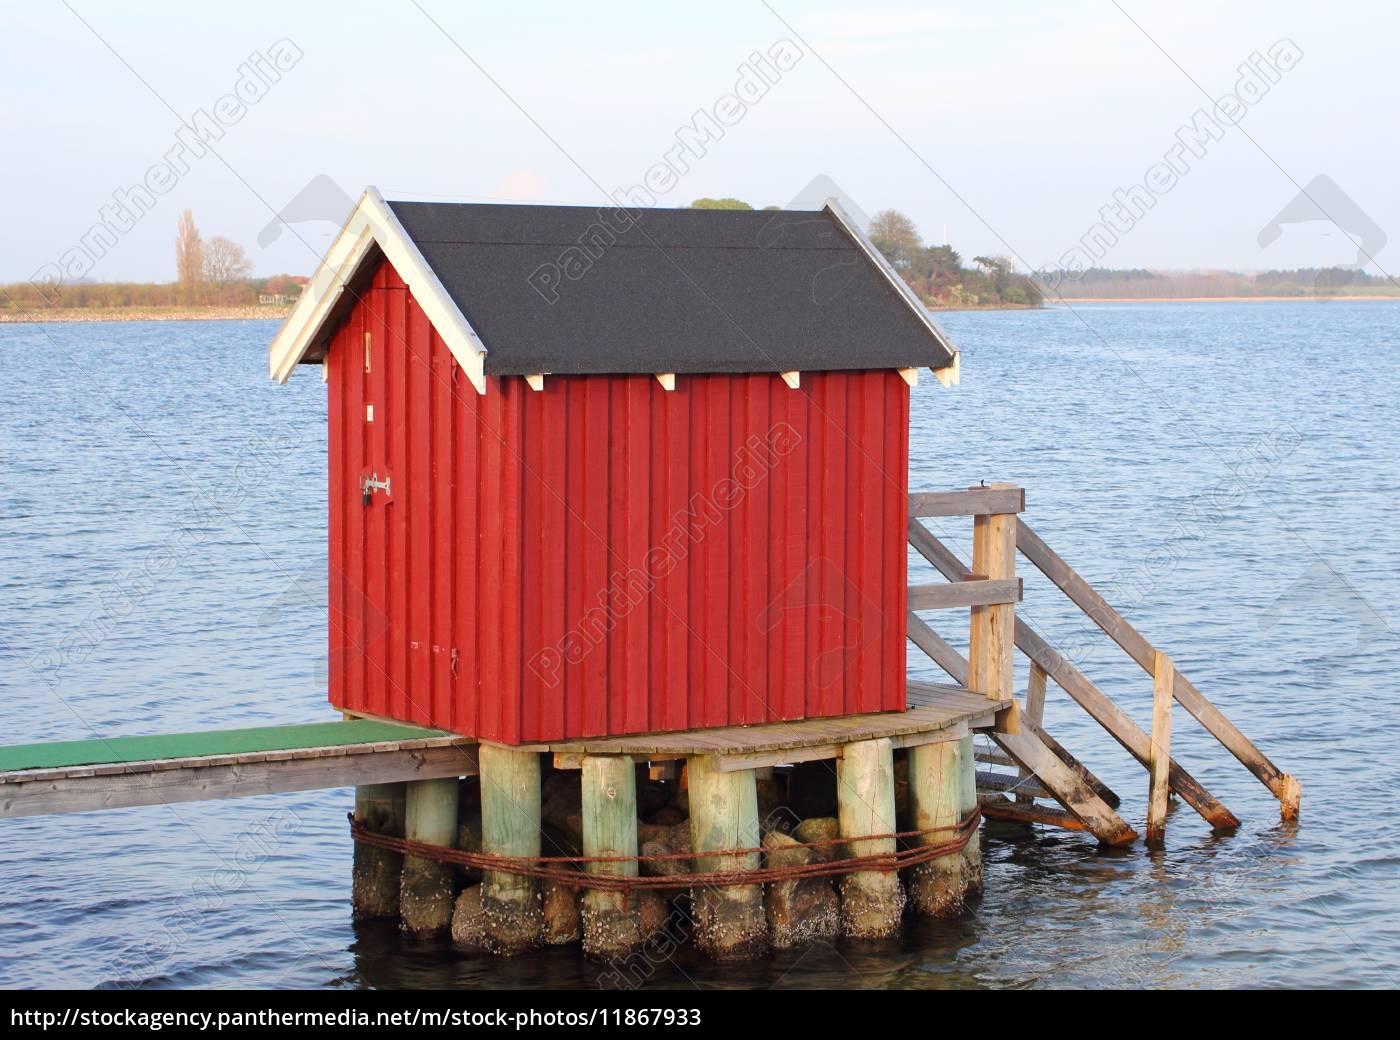 schwimmer, umkleidehaus, am, see, in, dänemark - 11867933